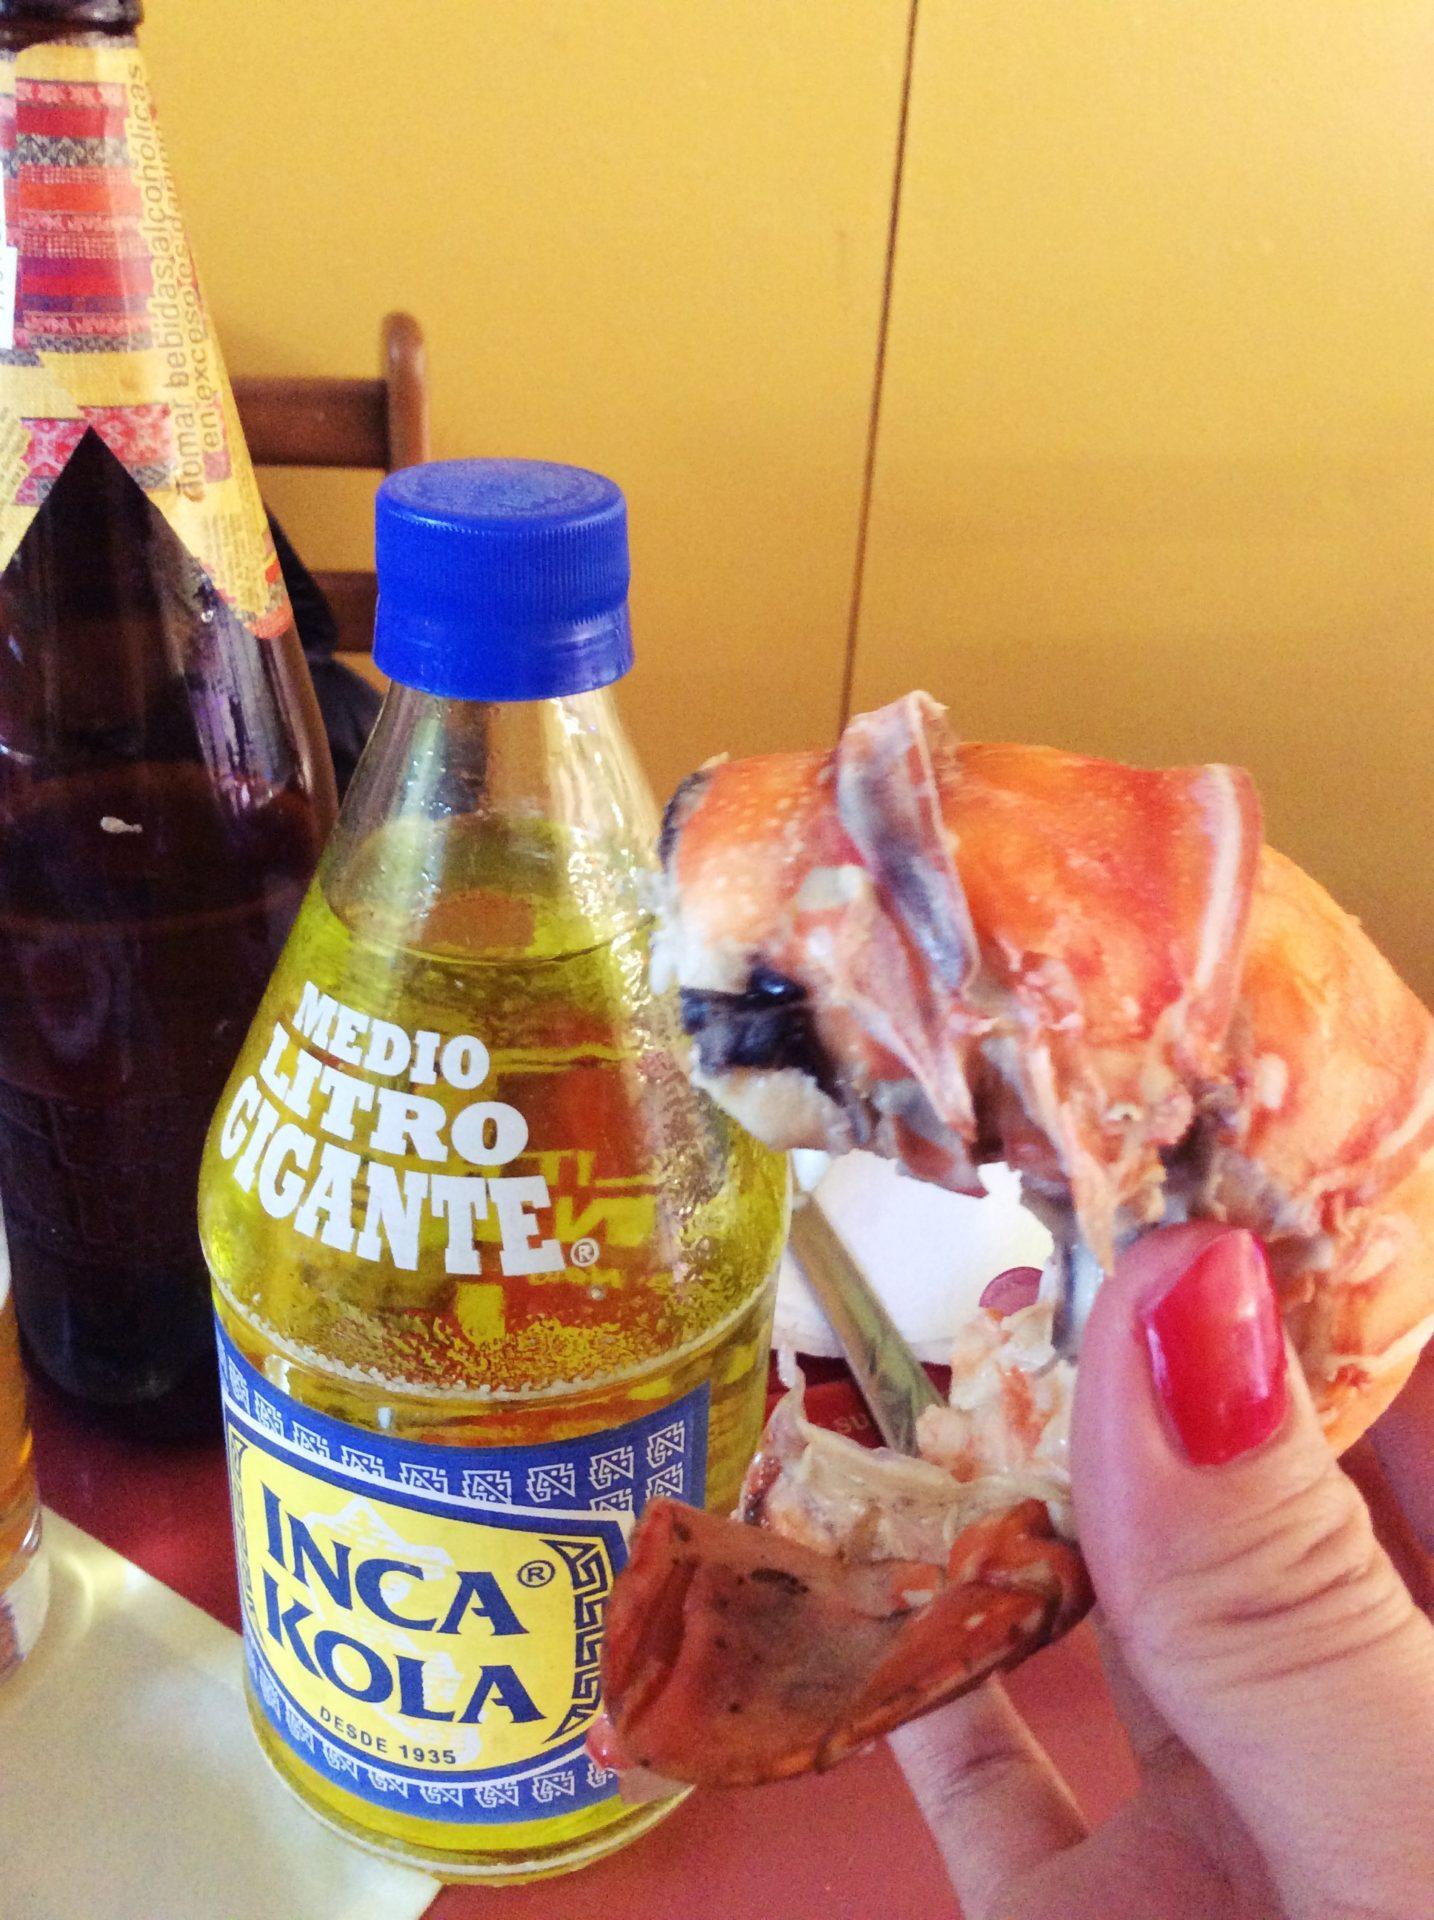 ペルー, ペルー料理, インカコーラ, Inca Cola, 飲み物